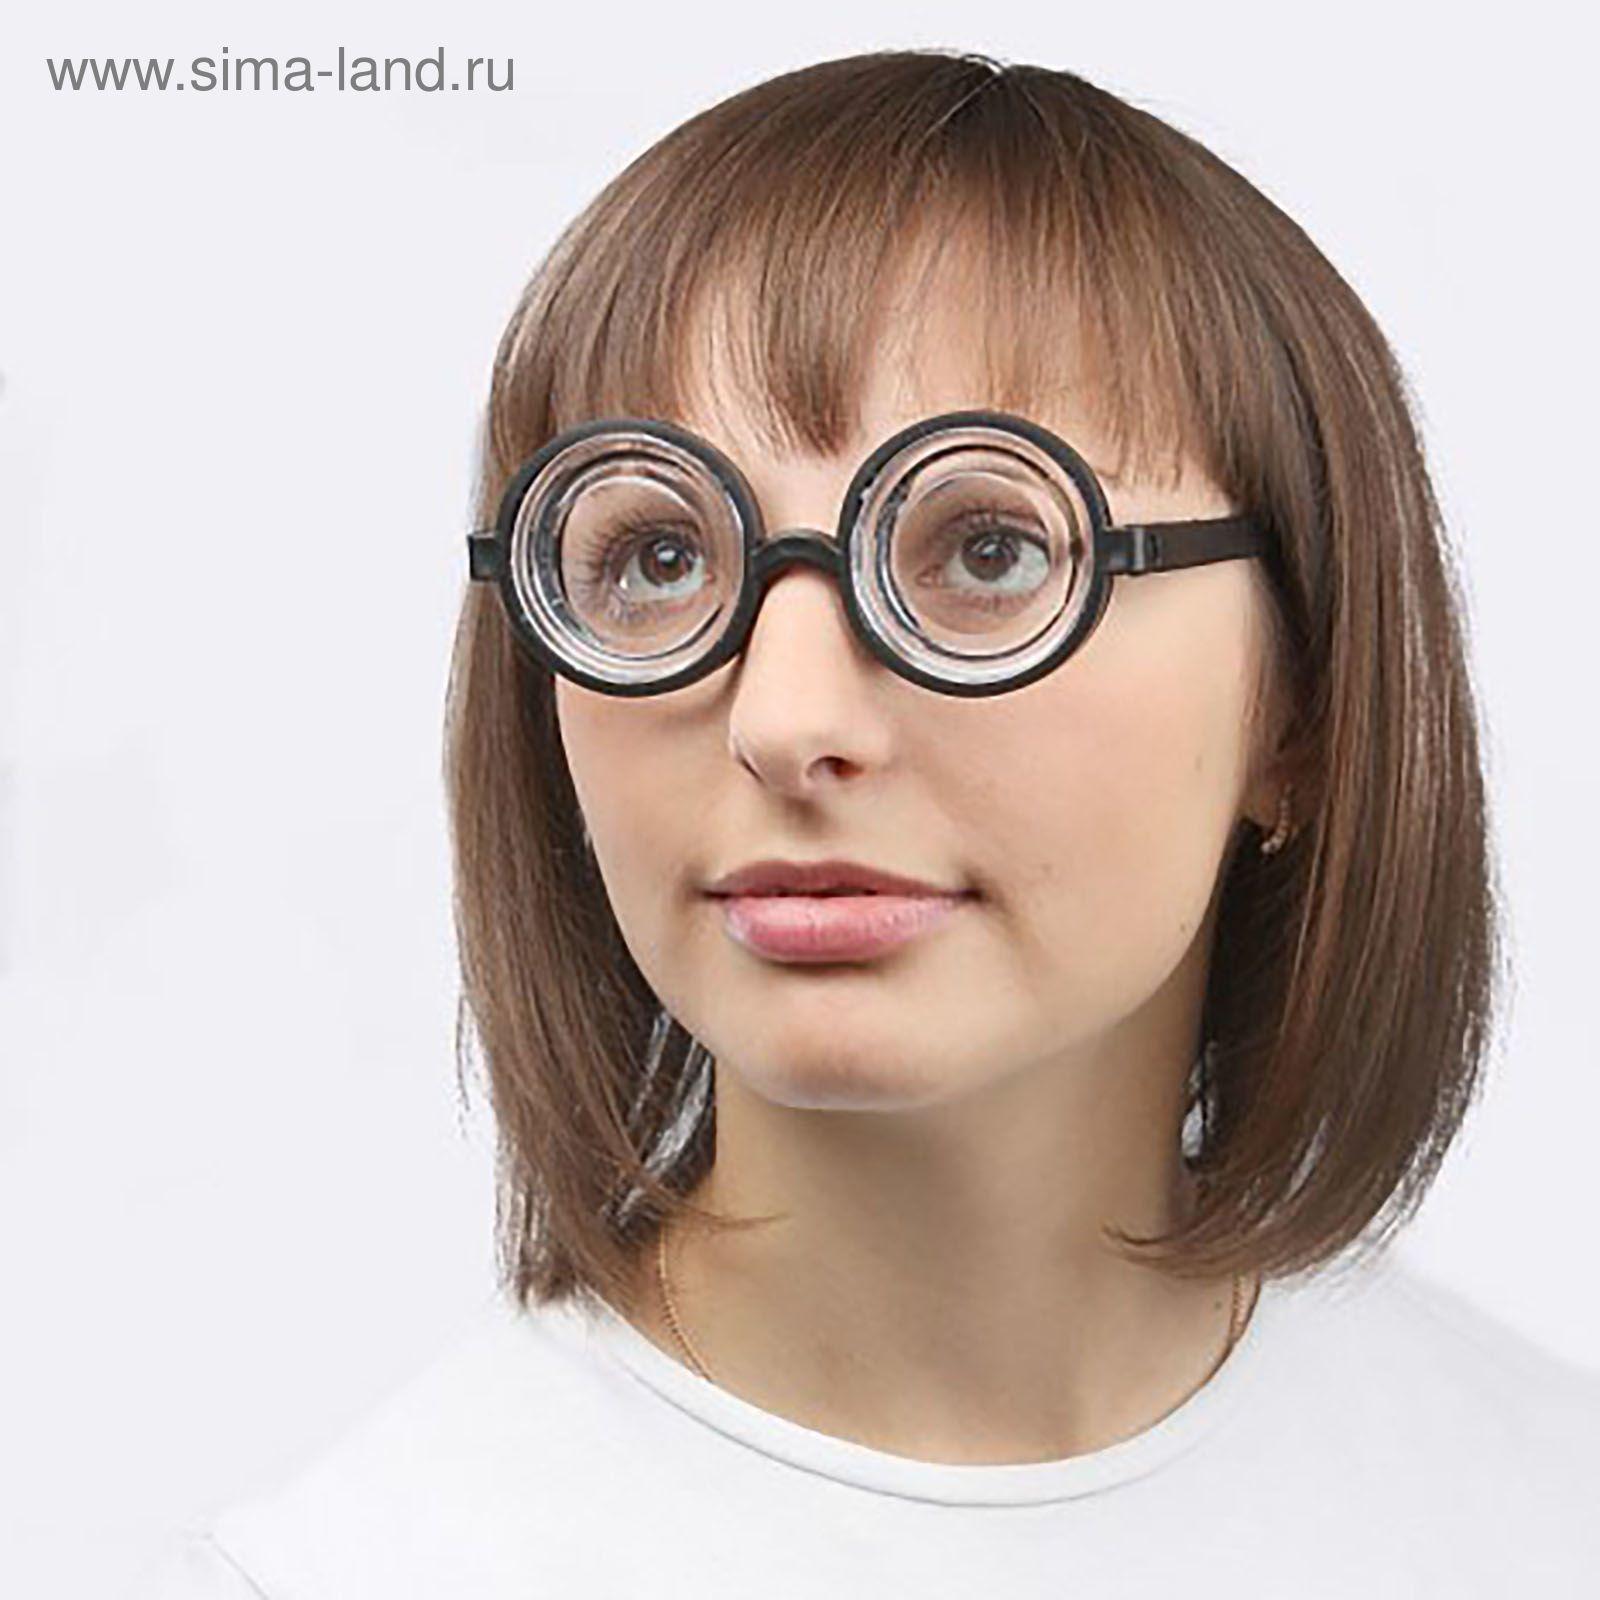 Портится ли зрение от чтения?